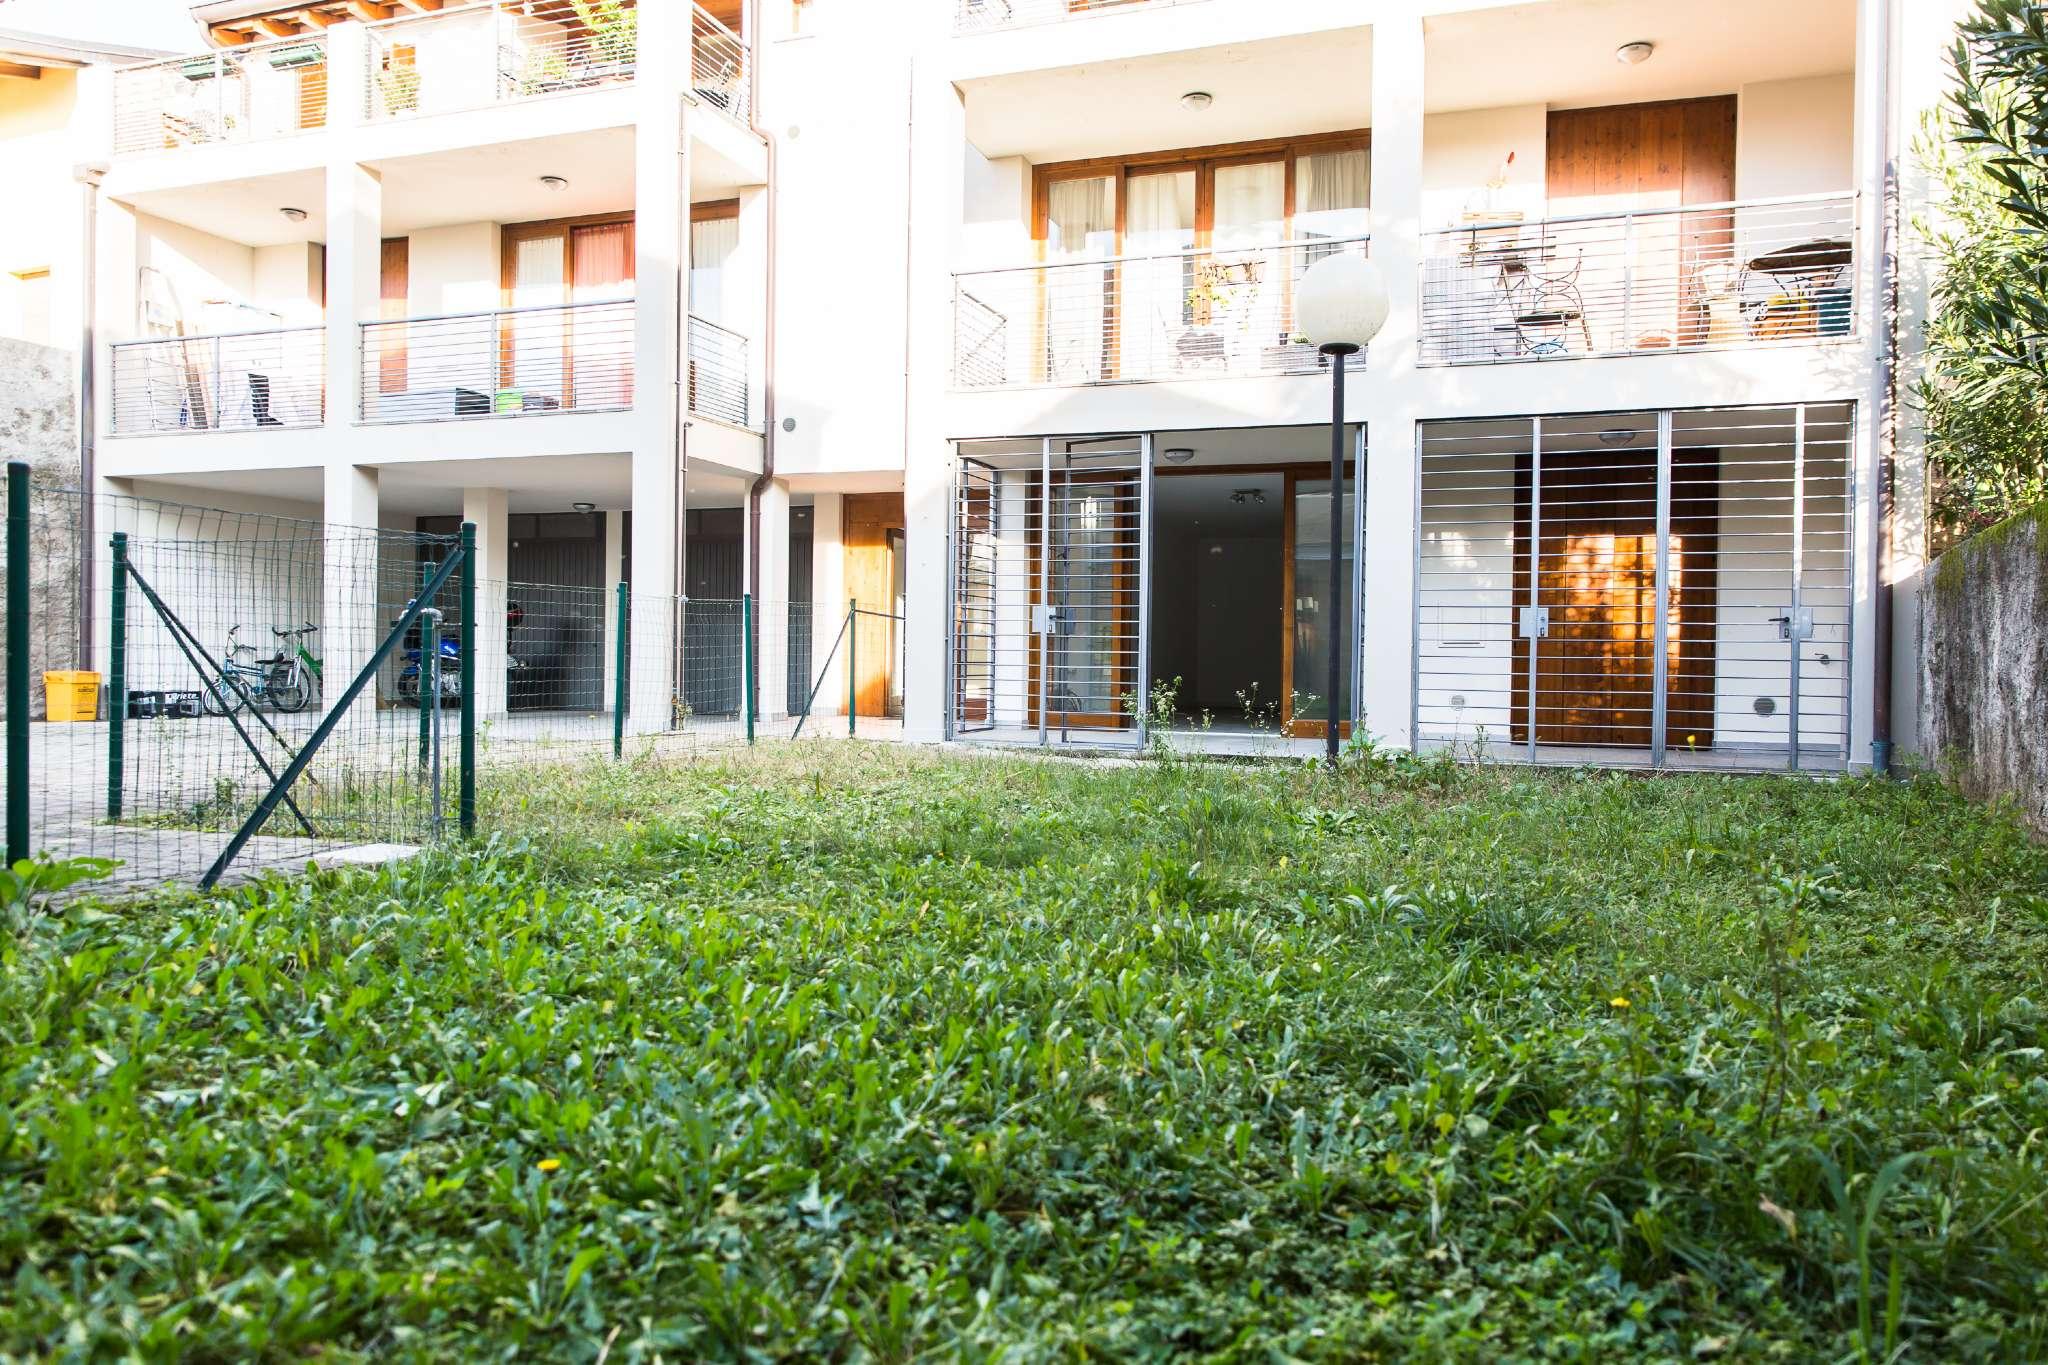 Appartamento in vendita a Martignacco, 3 locali, prezzo € 75.000 | CambioCasa.it